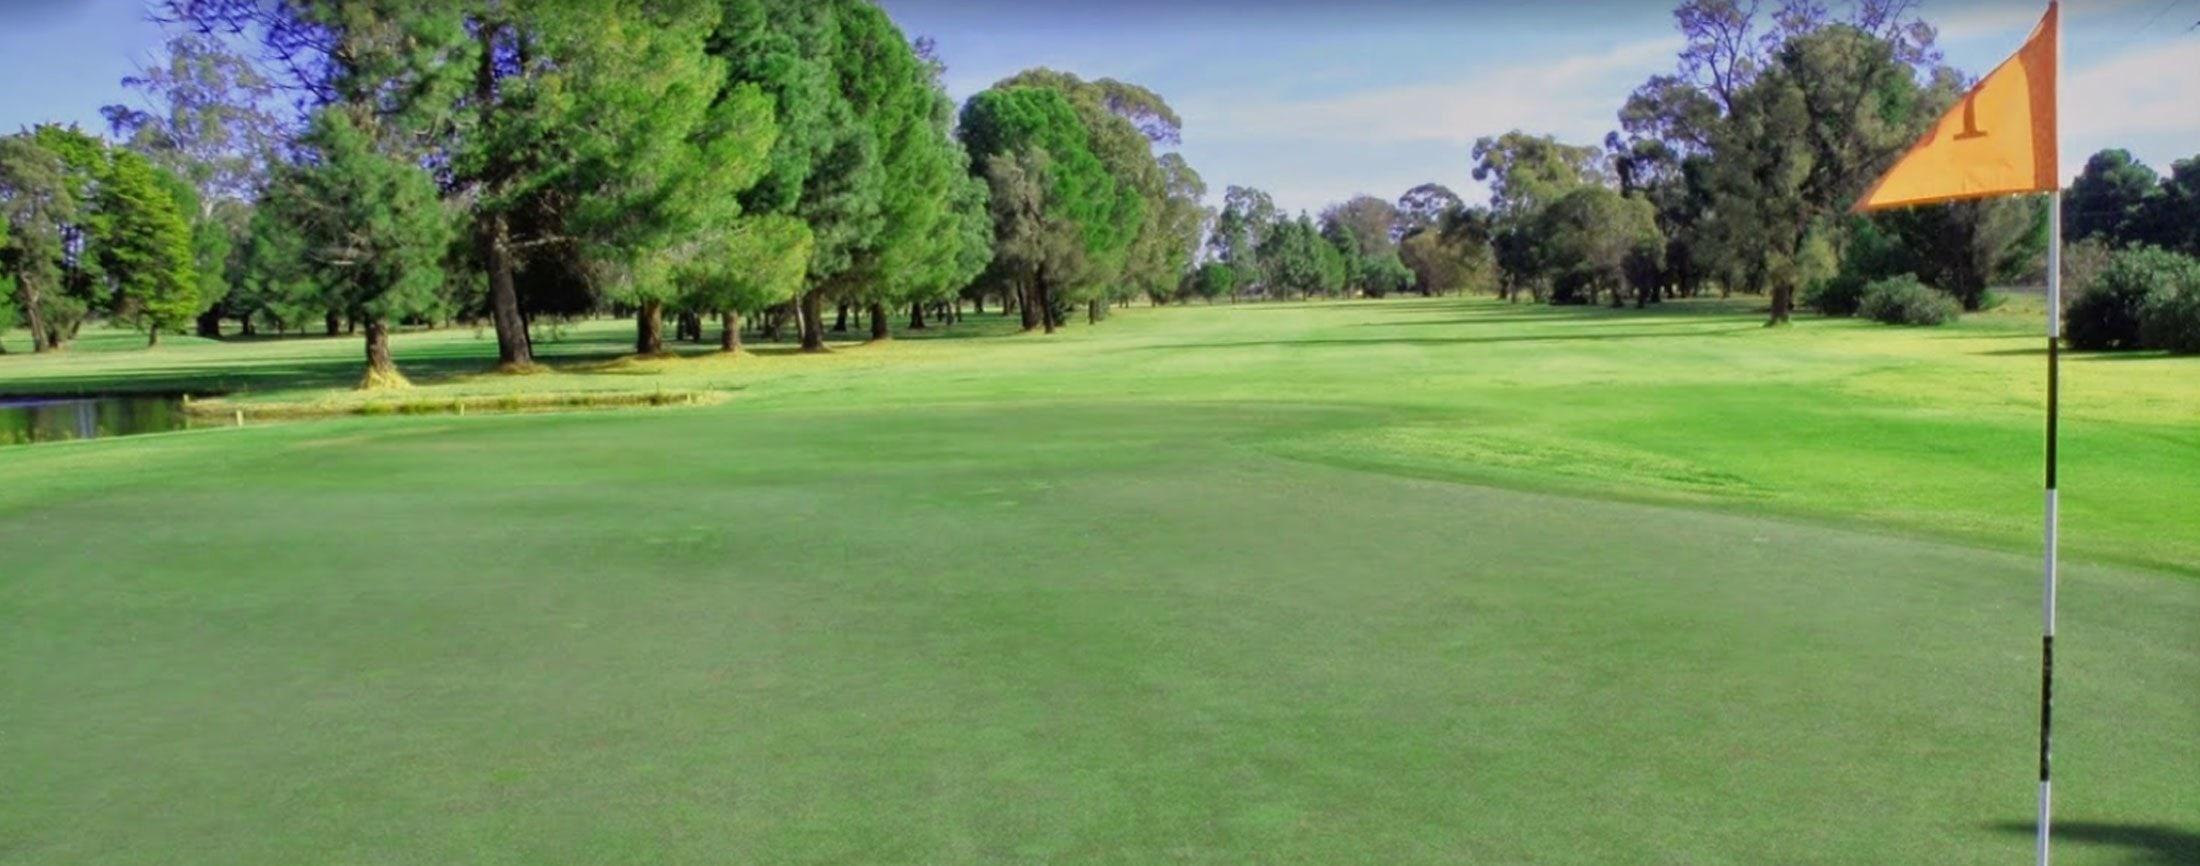 Finley Golf Club